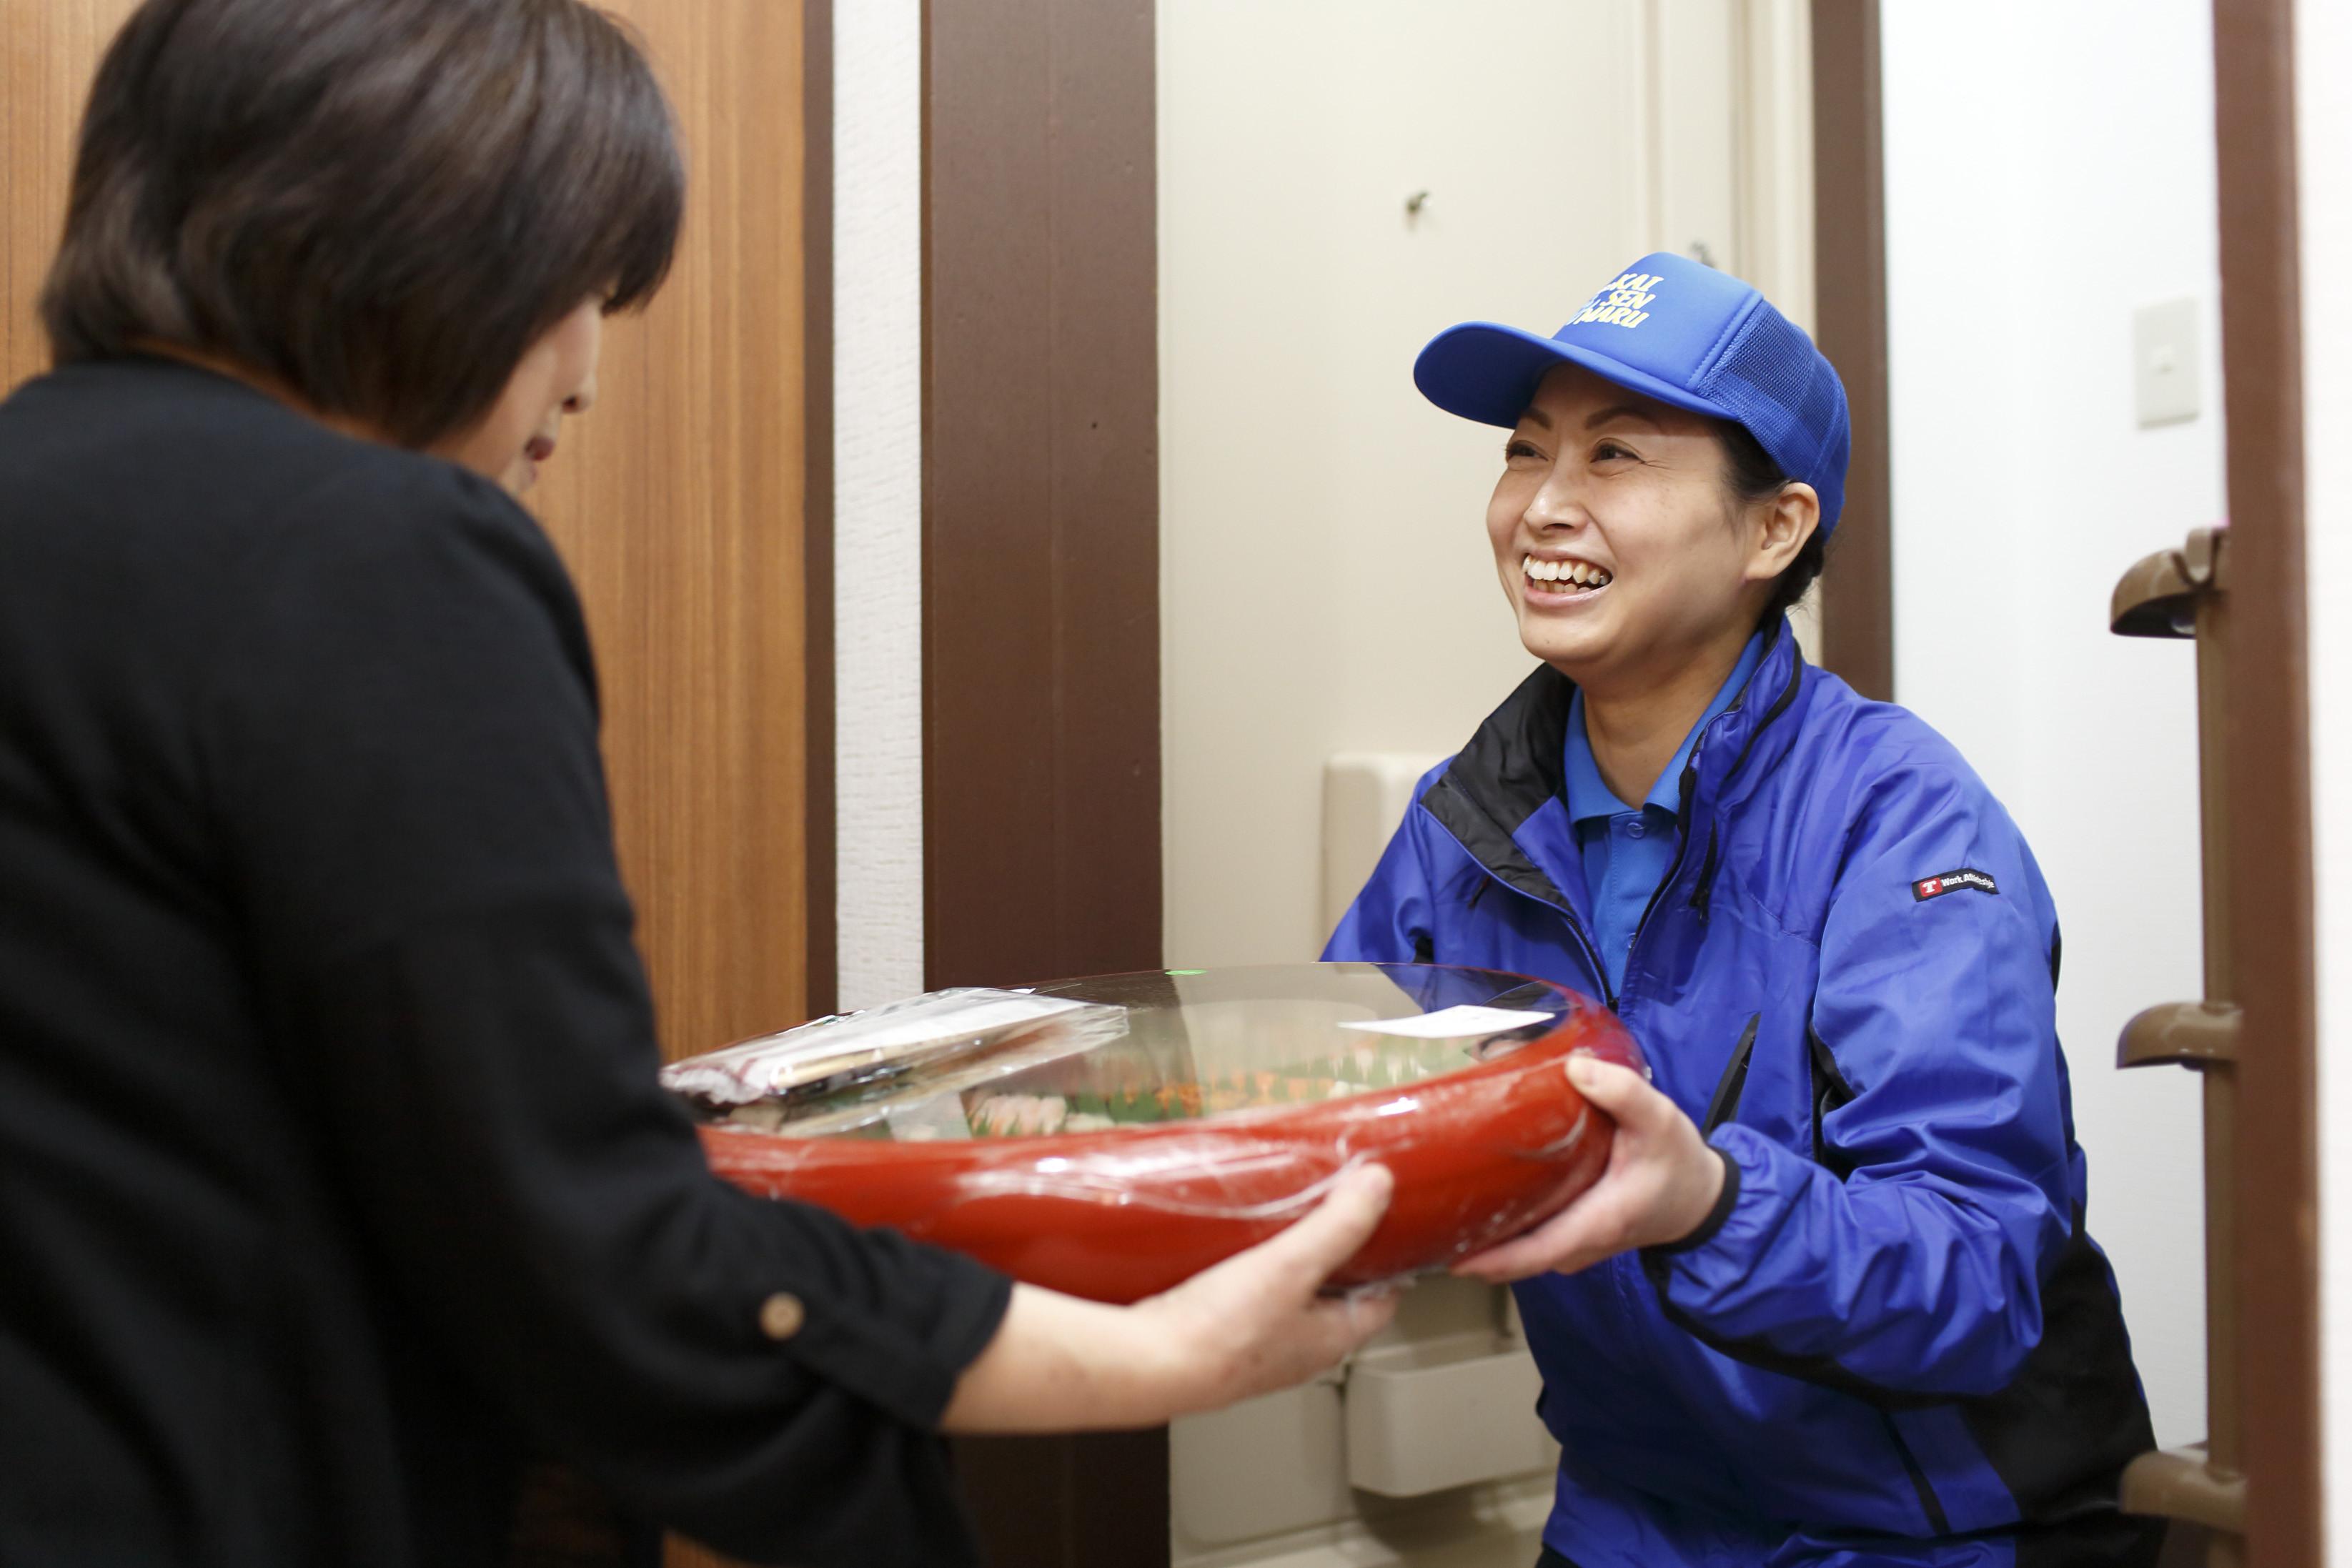 札幌海鮮丸 静内店 デリバリー(配達)スタッフのアルバイト情報